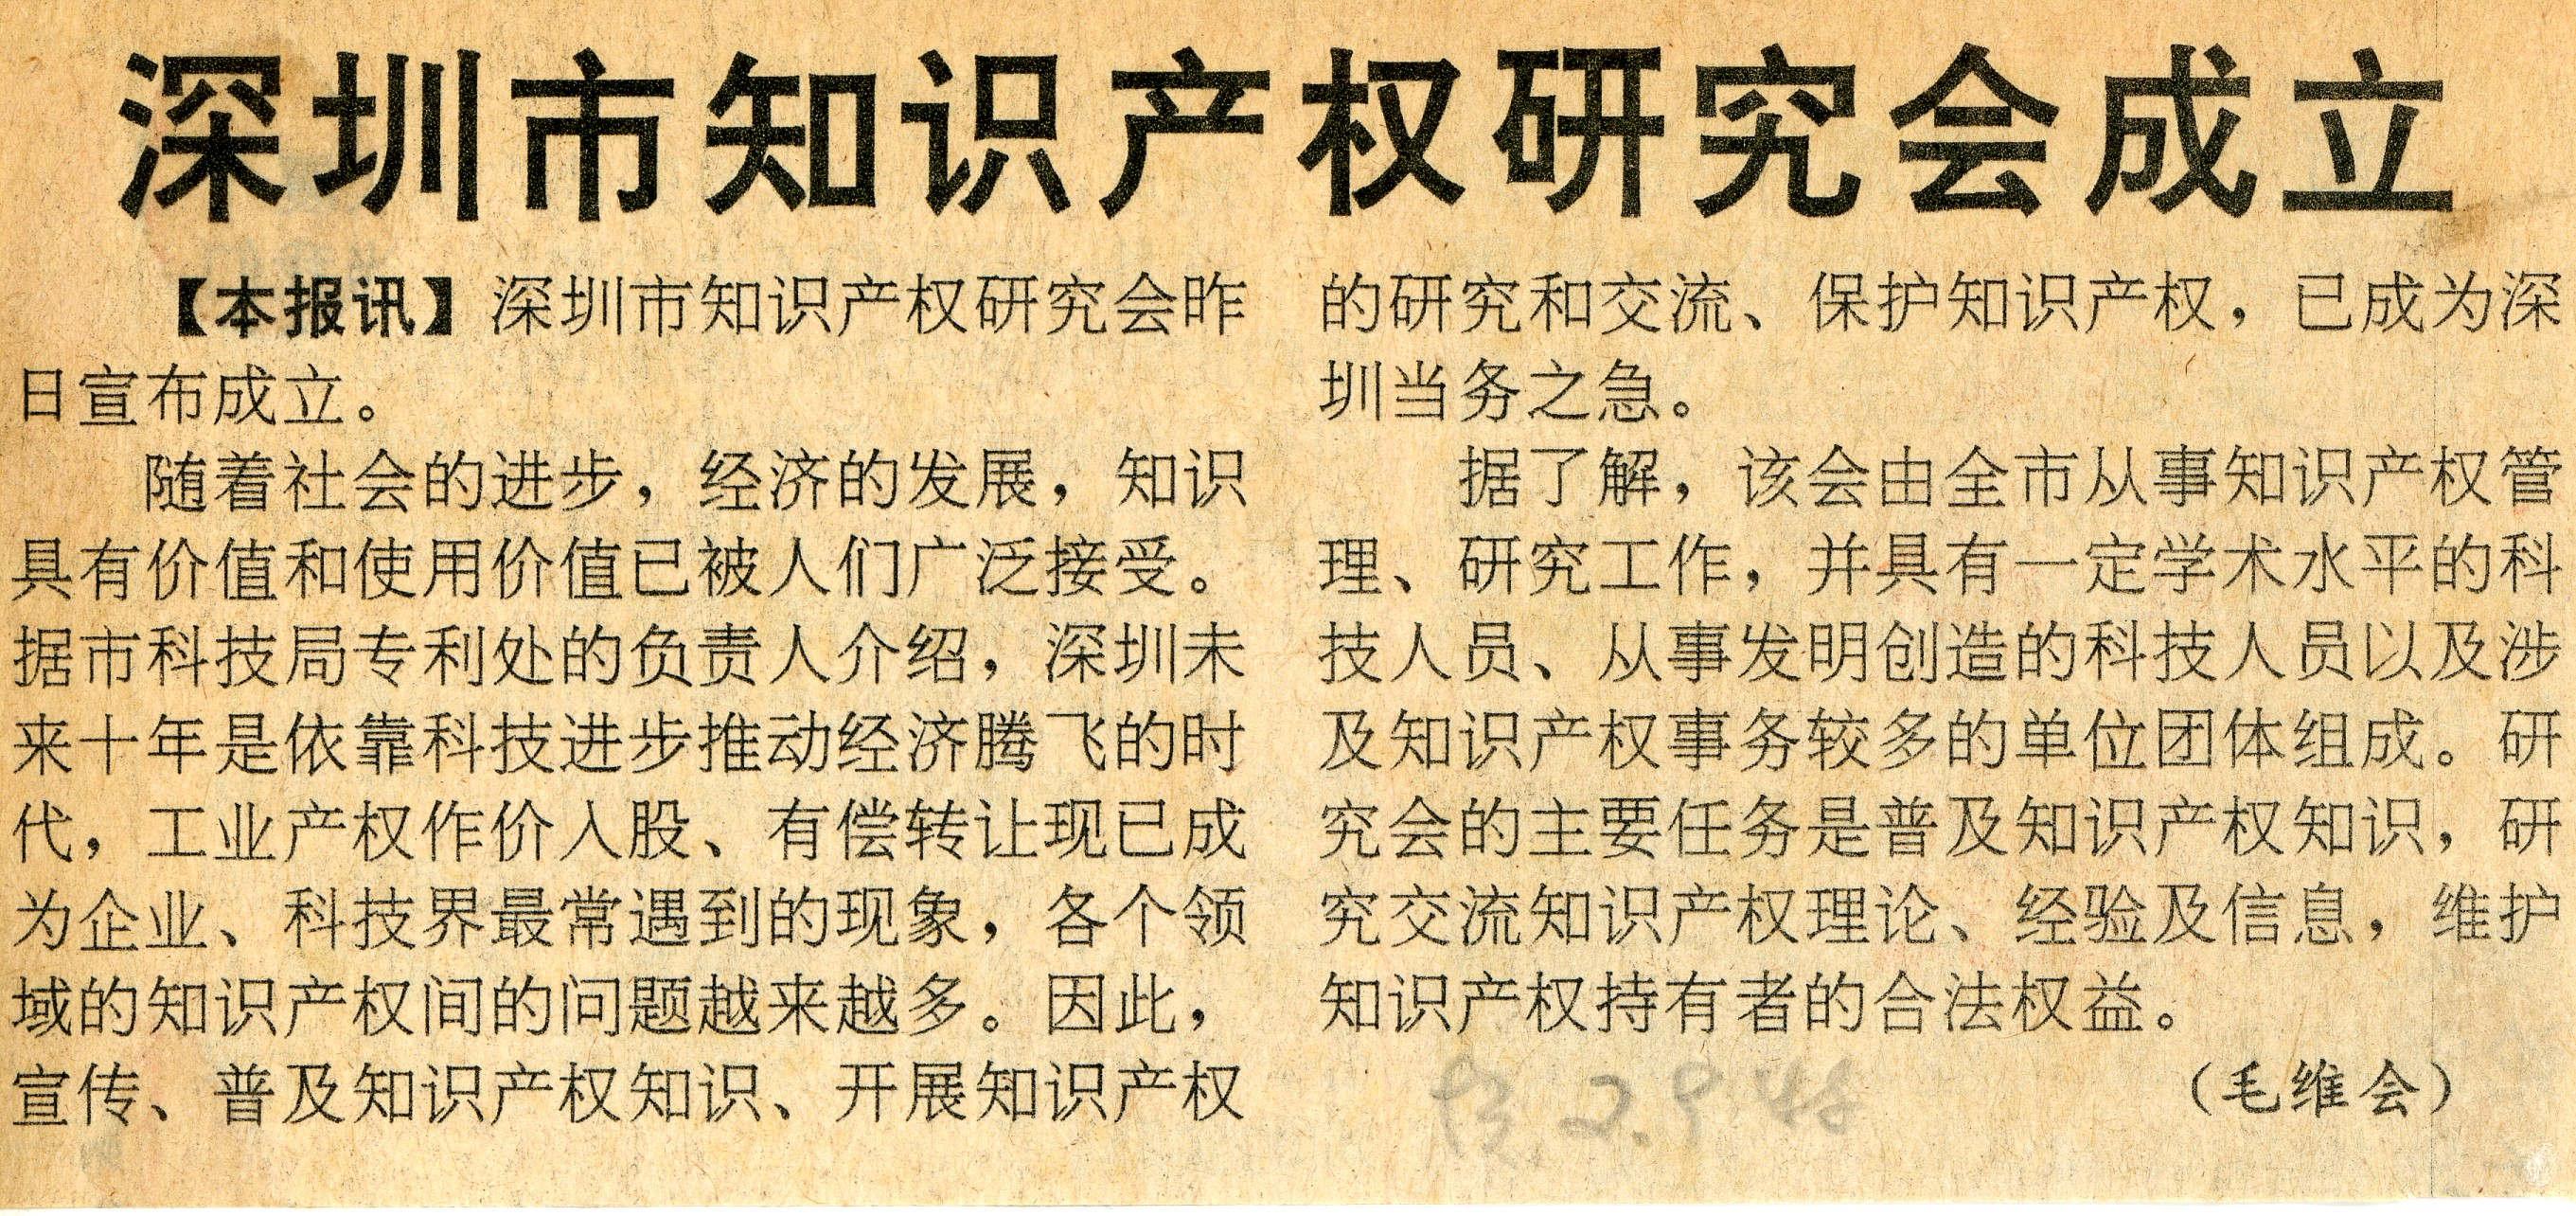 深圳特区报一九九三年报道深圳市知识产权研究会成立